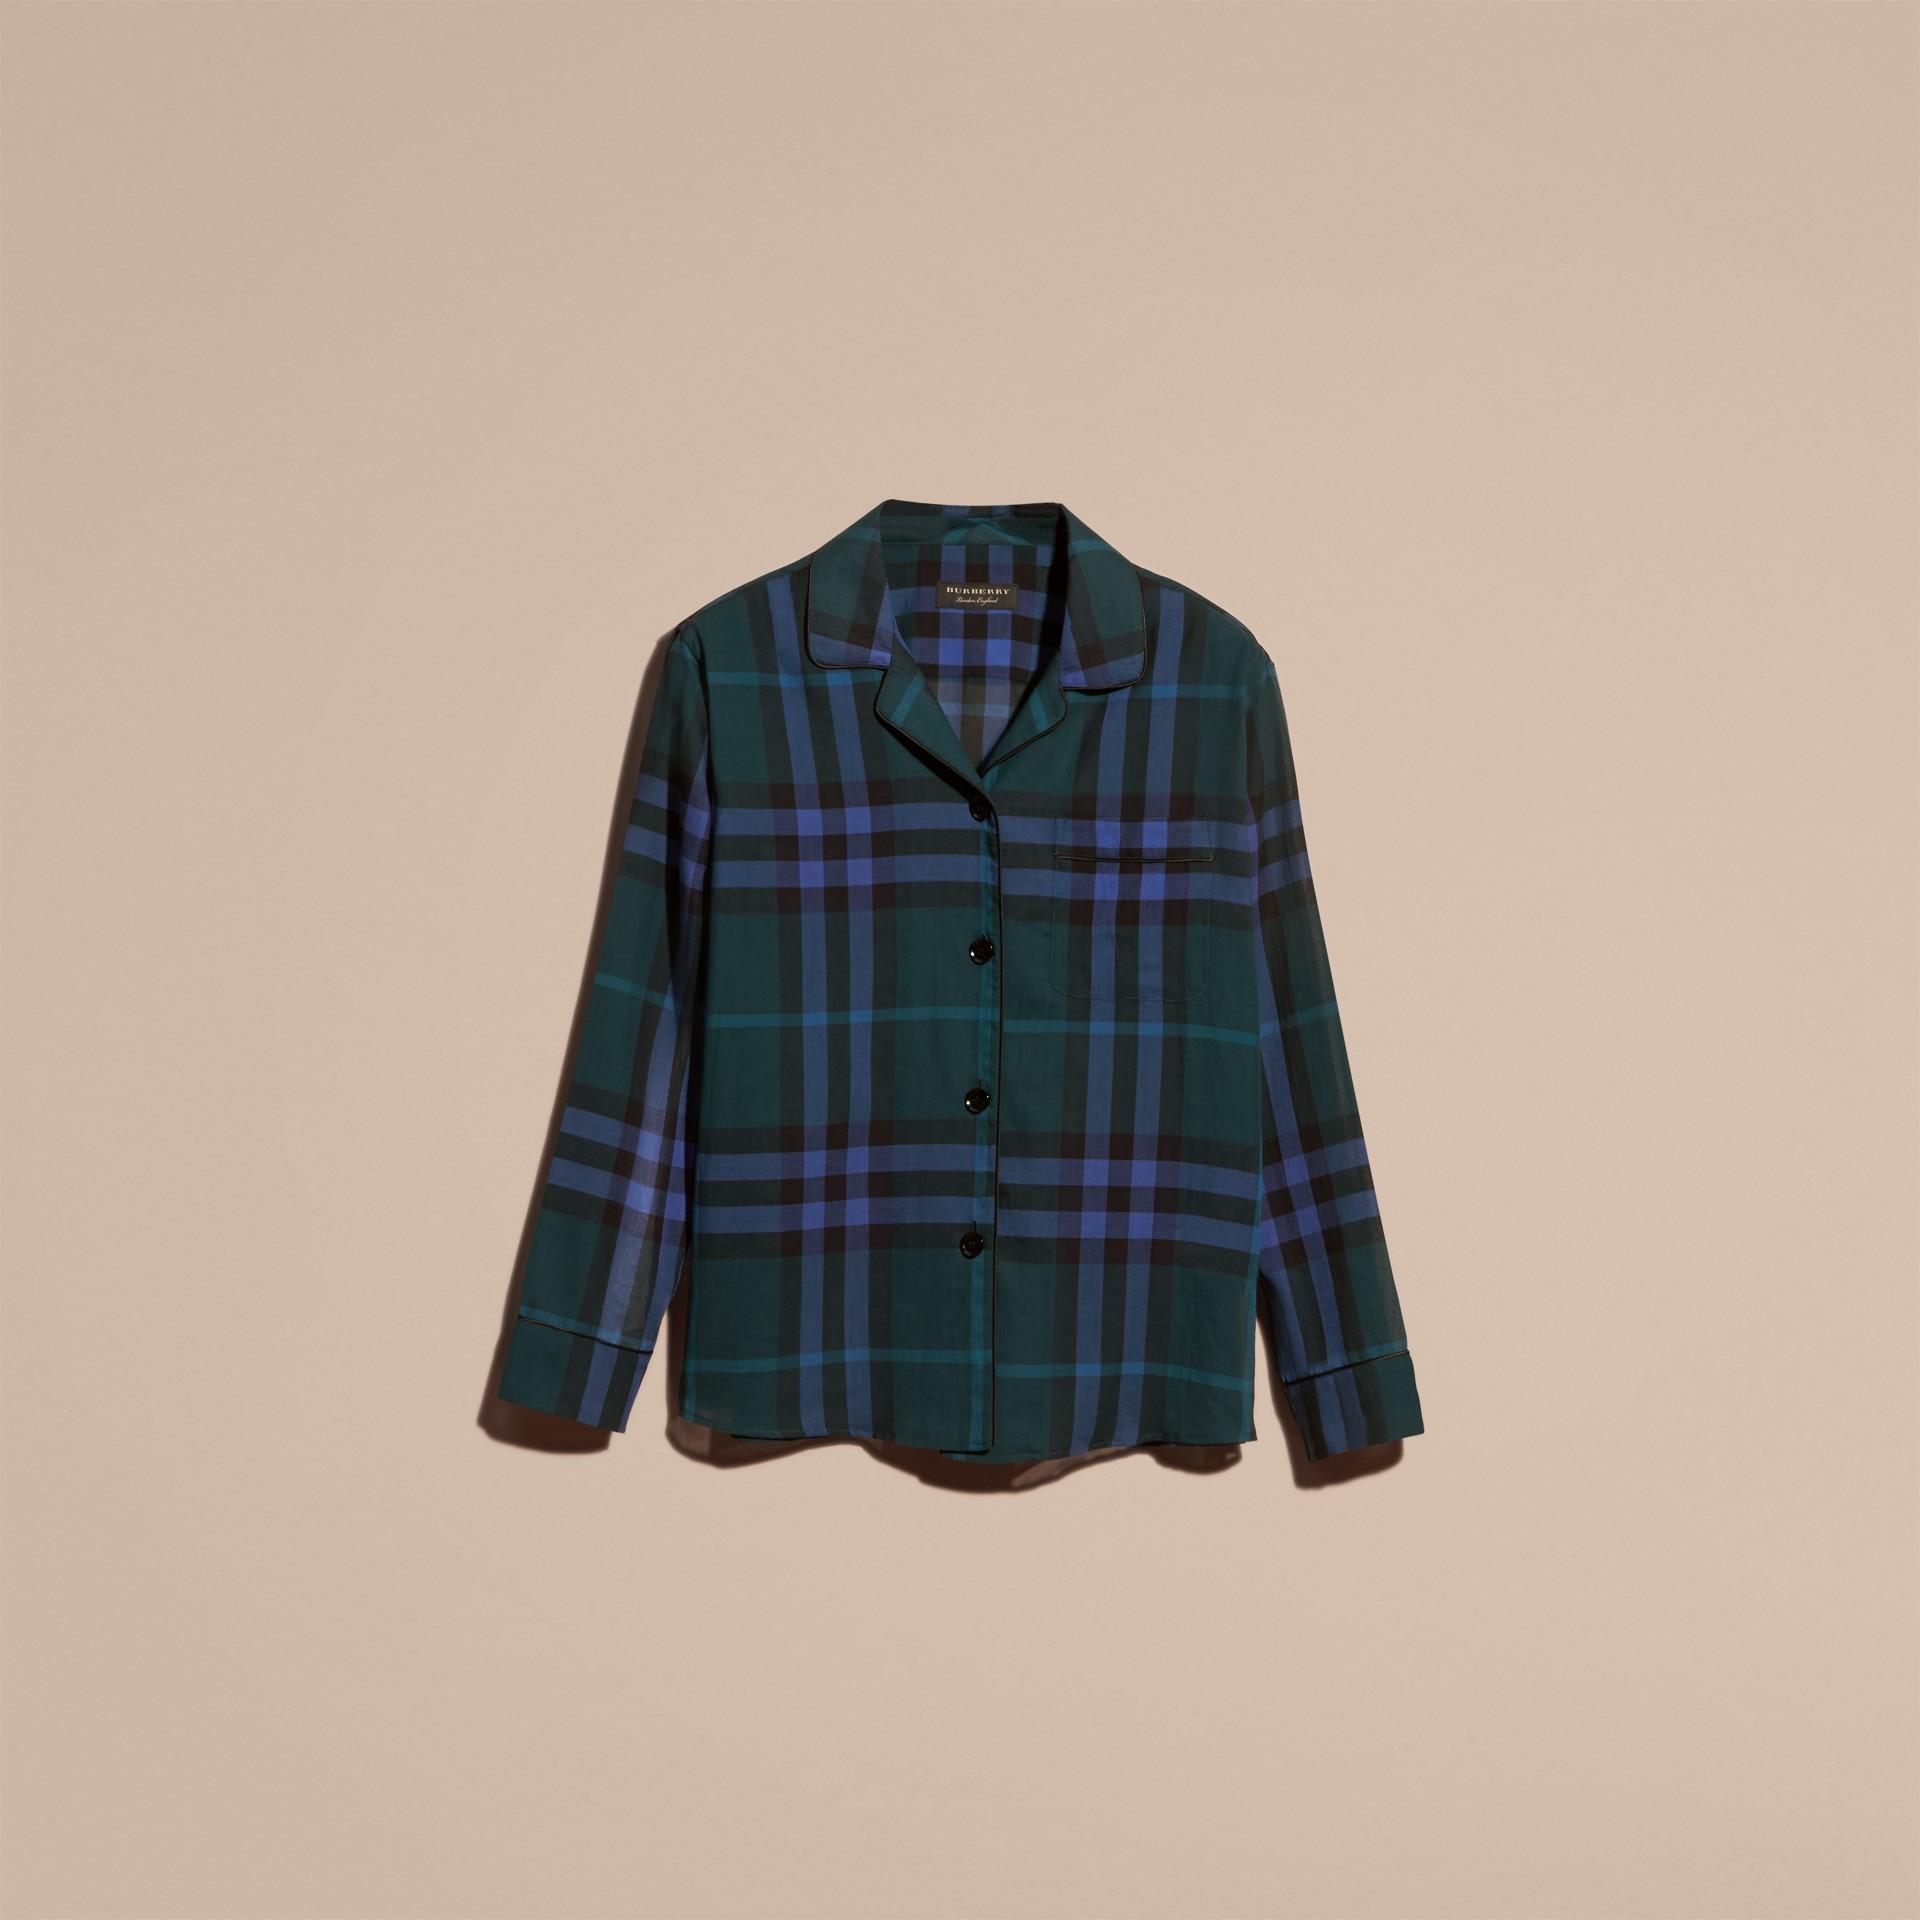 Рубашка в клетку в пижамном стиле (Темный Сине-зеленый) - Для женщин | Burberry - изображение 4